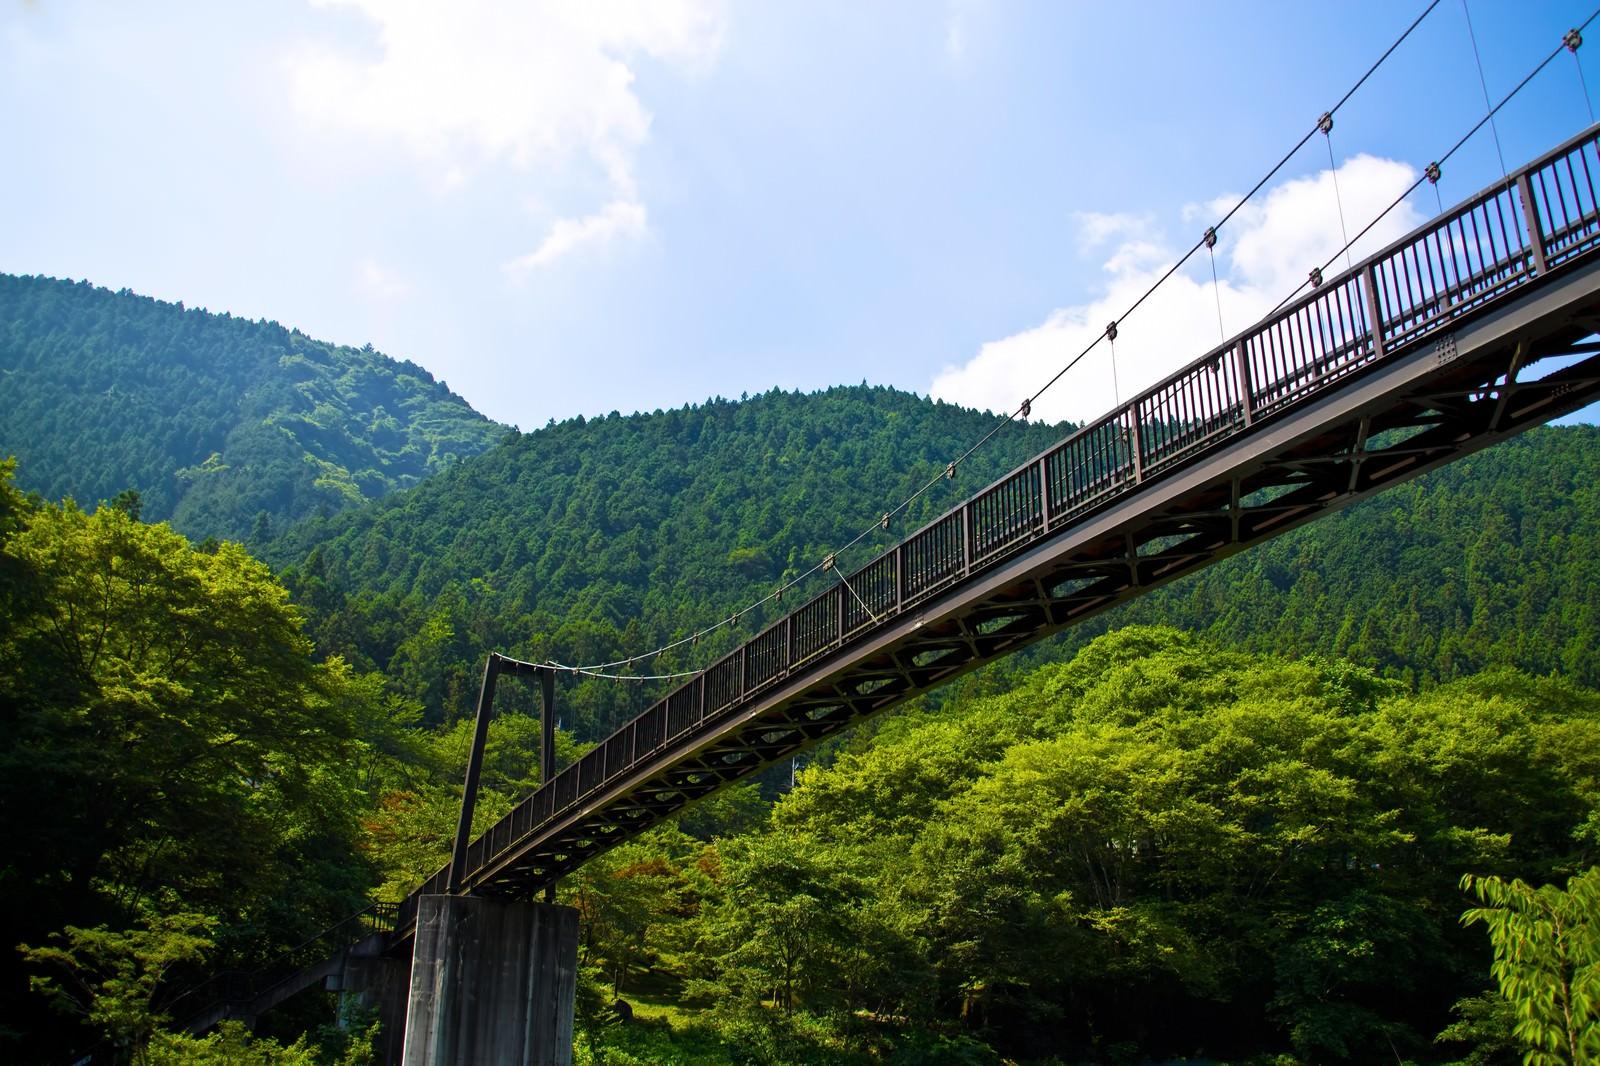 「夏の山と架橋」の写真